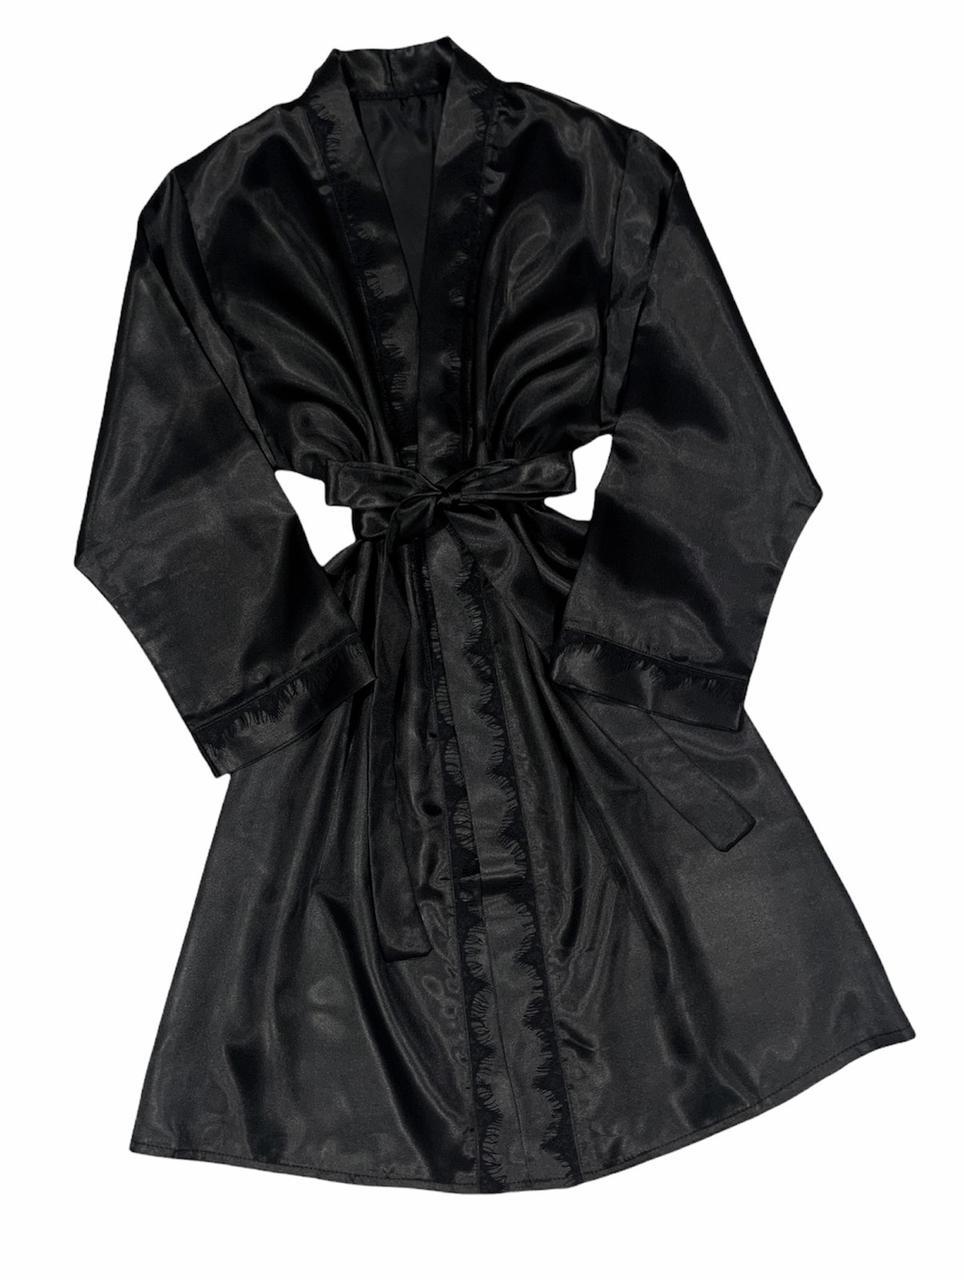 Жіночі халати, чорний атласний халат з мереживом.